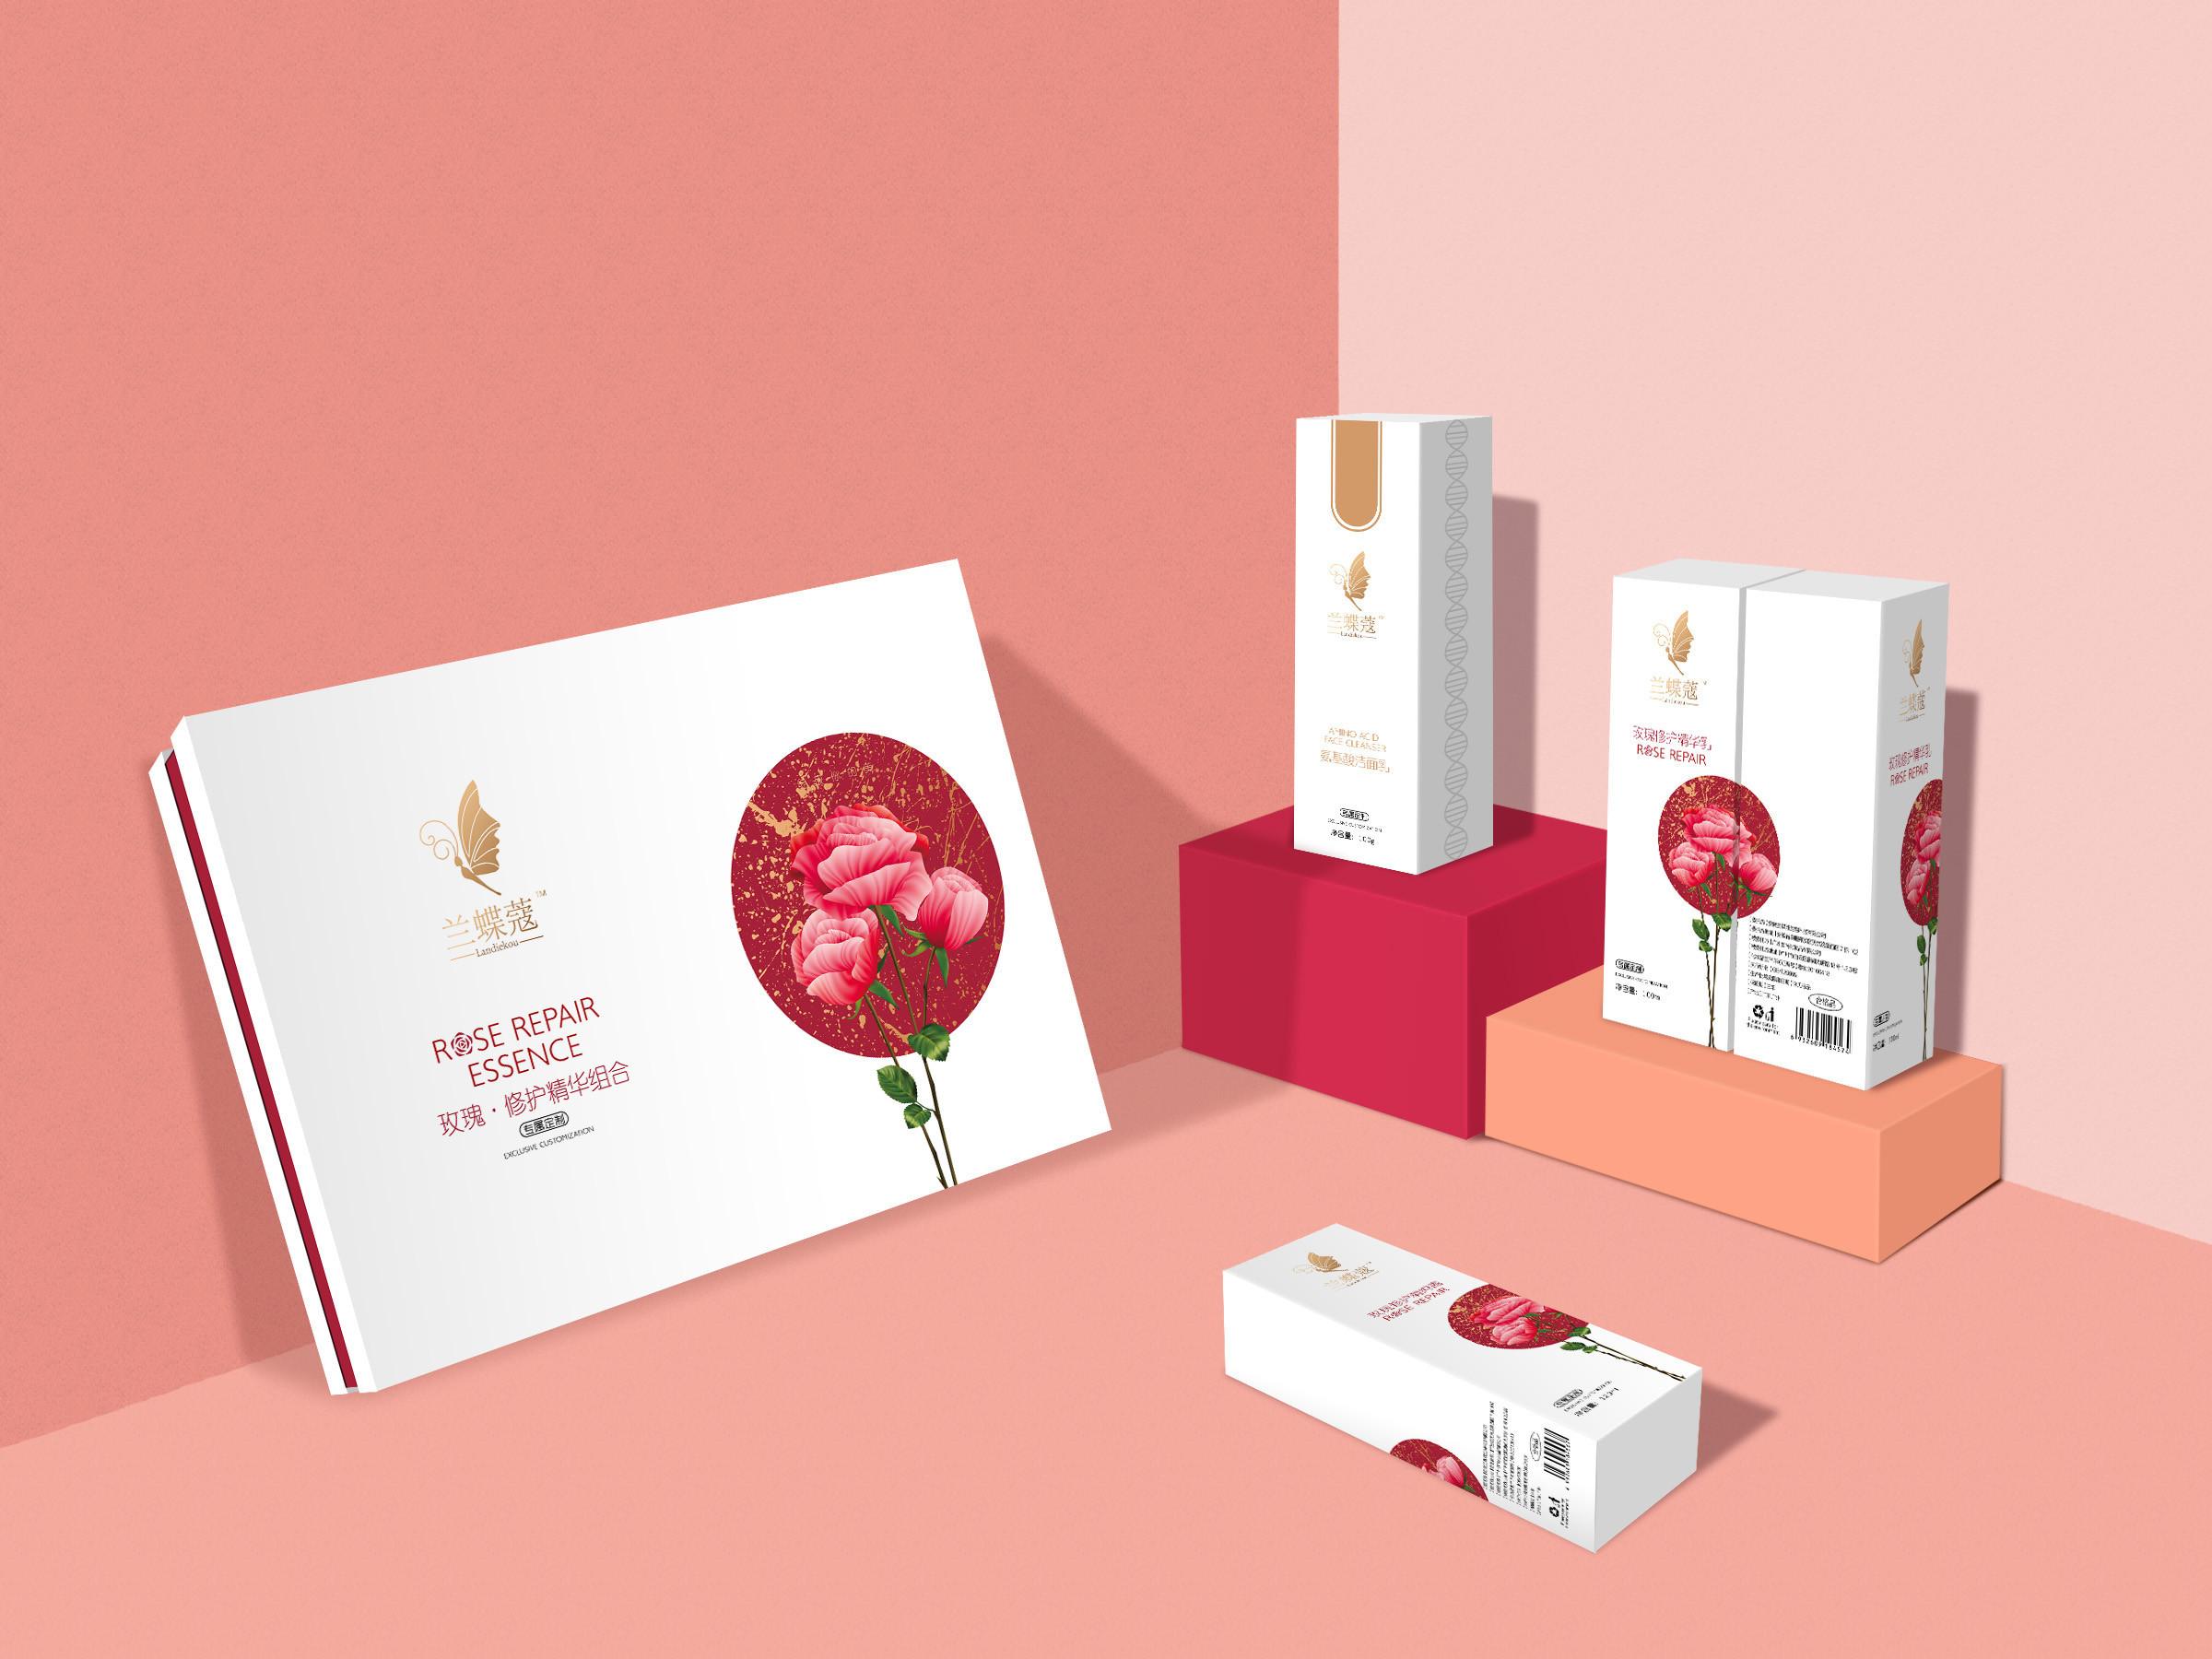 化妆品包装盒使用材料解析: